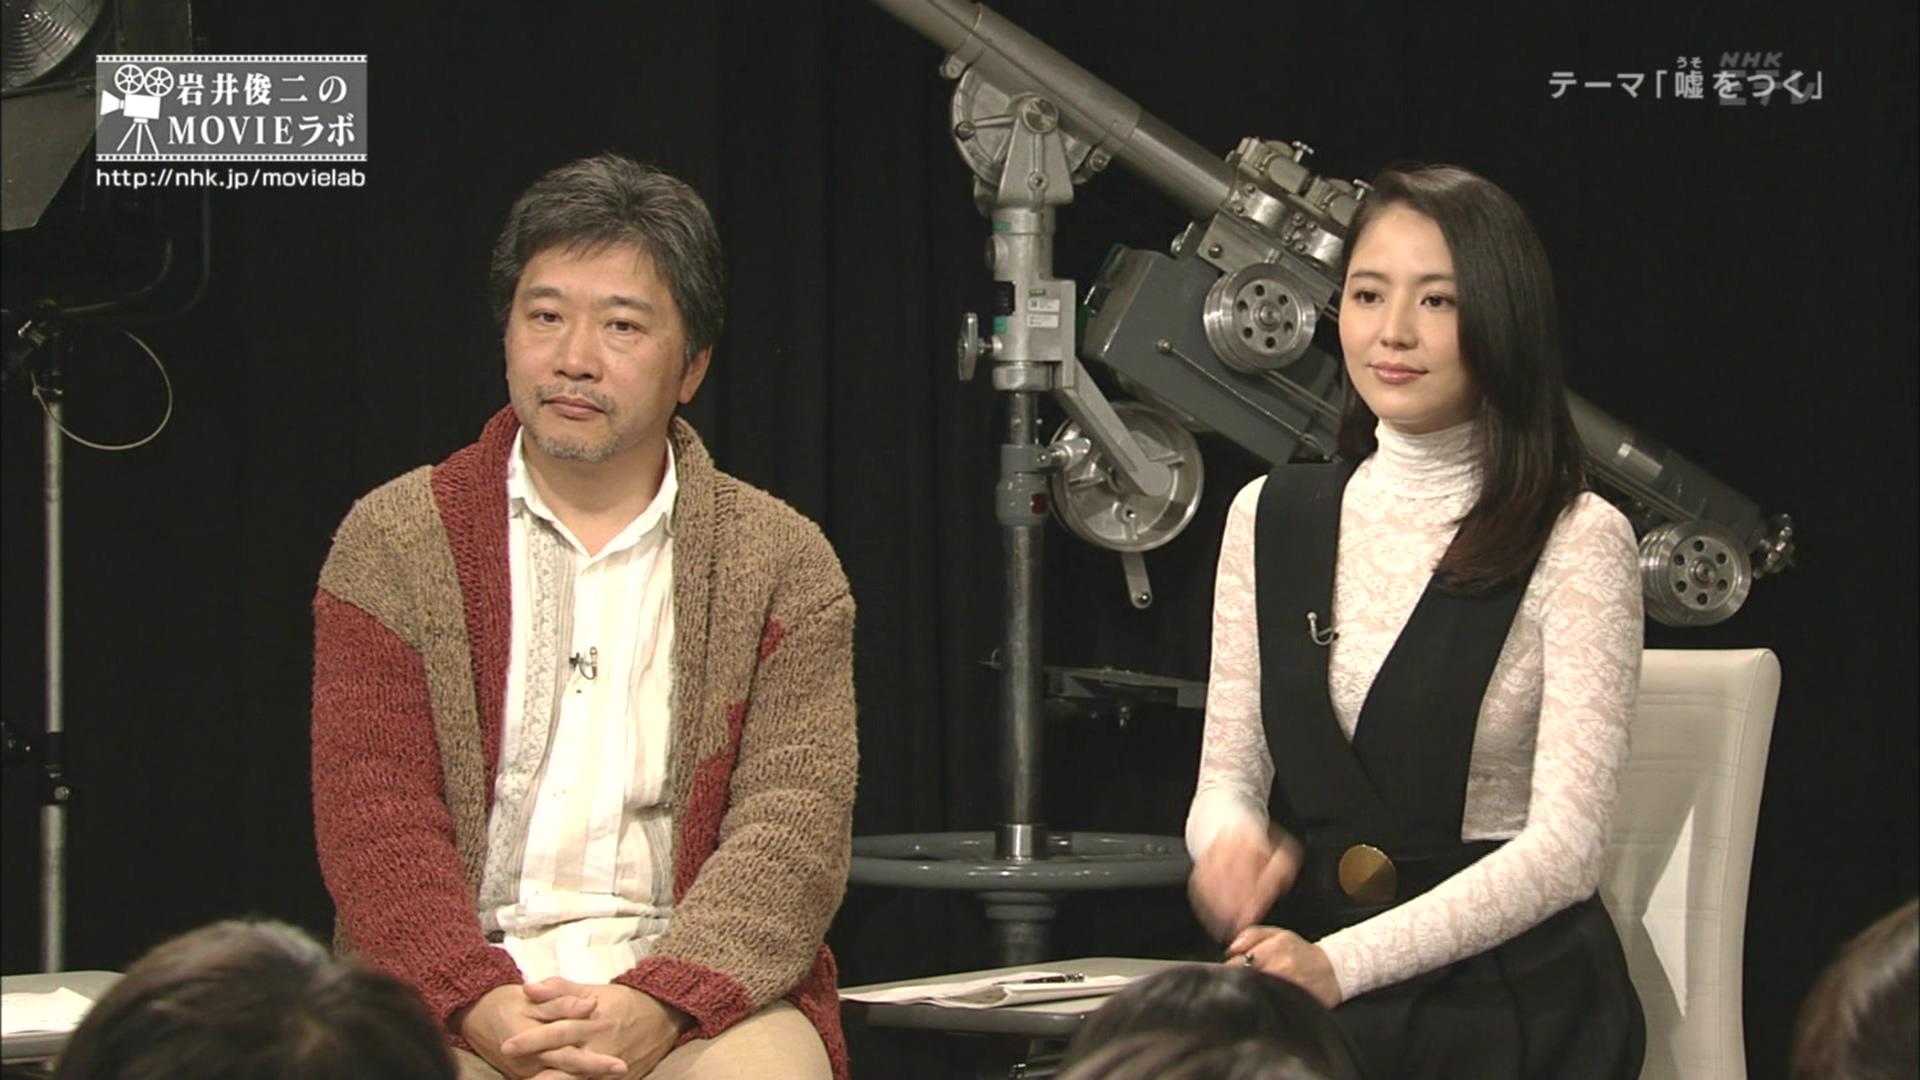 nagasawamovie401